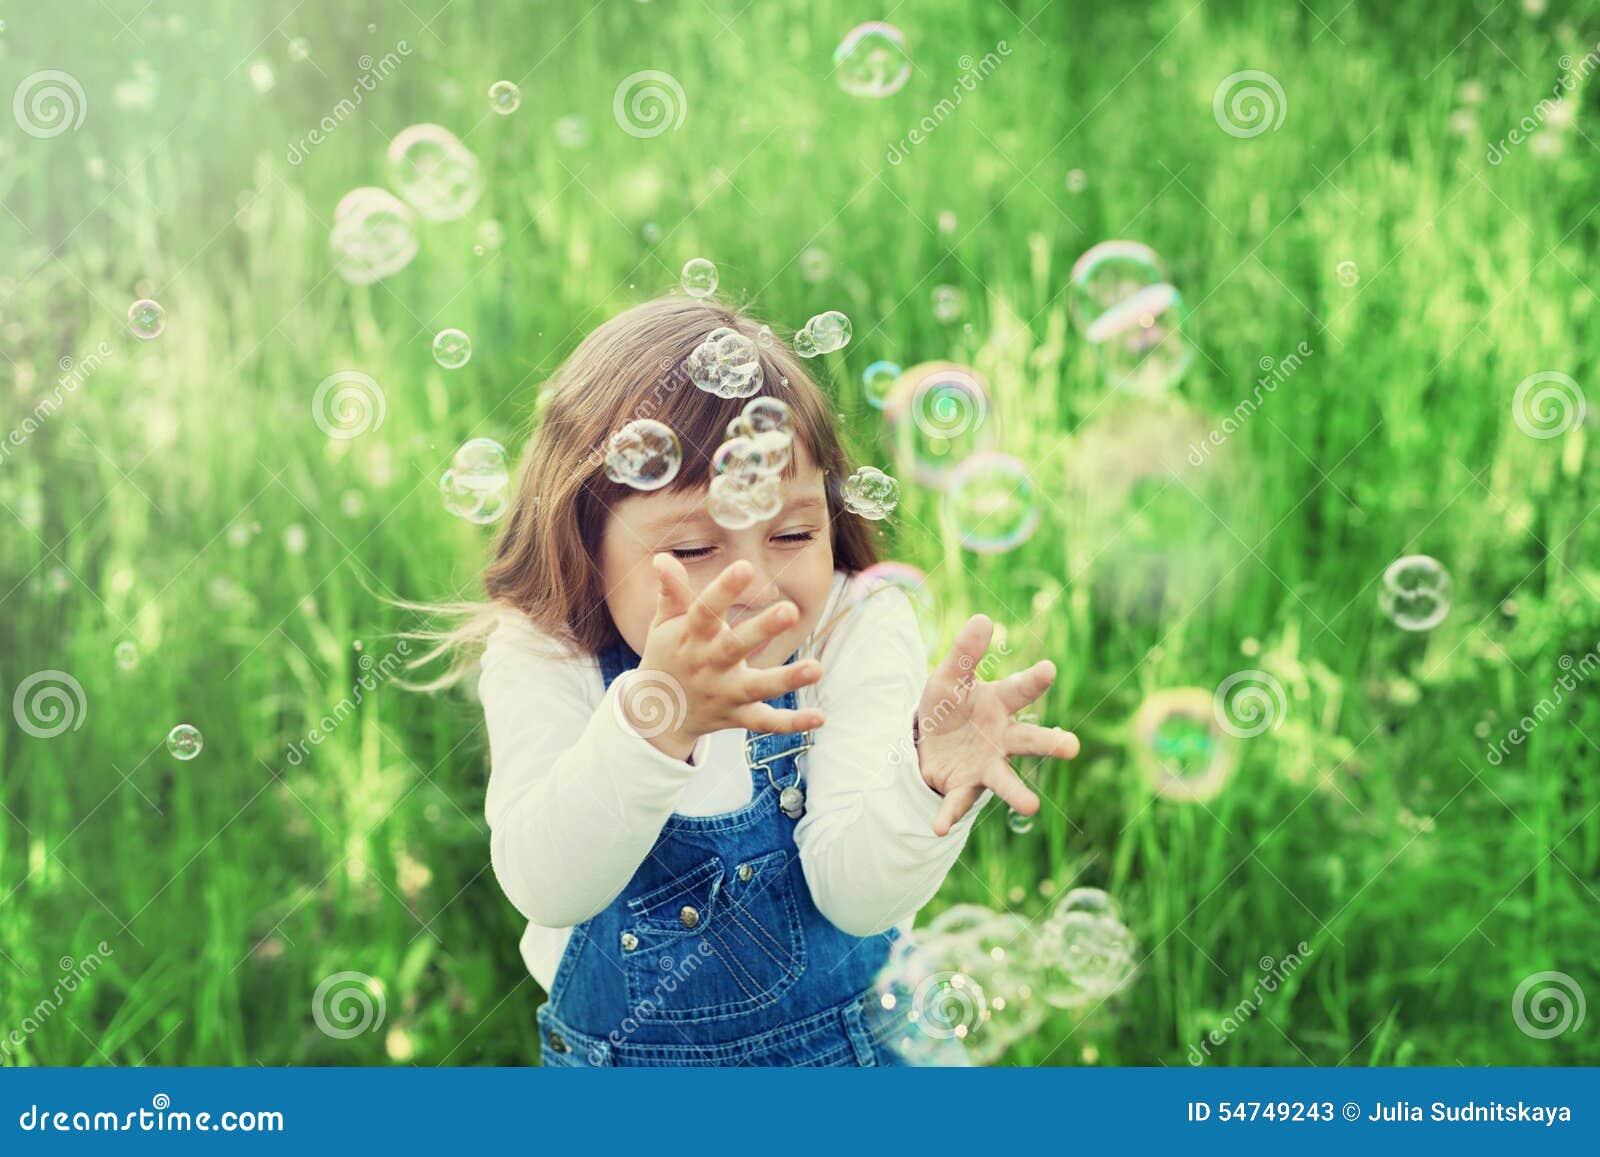 Menina bonito que joga com bolhas de sabão no gramado verde exterior, conceito feliz da infância, criança que tem o divertimento